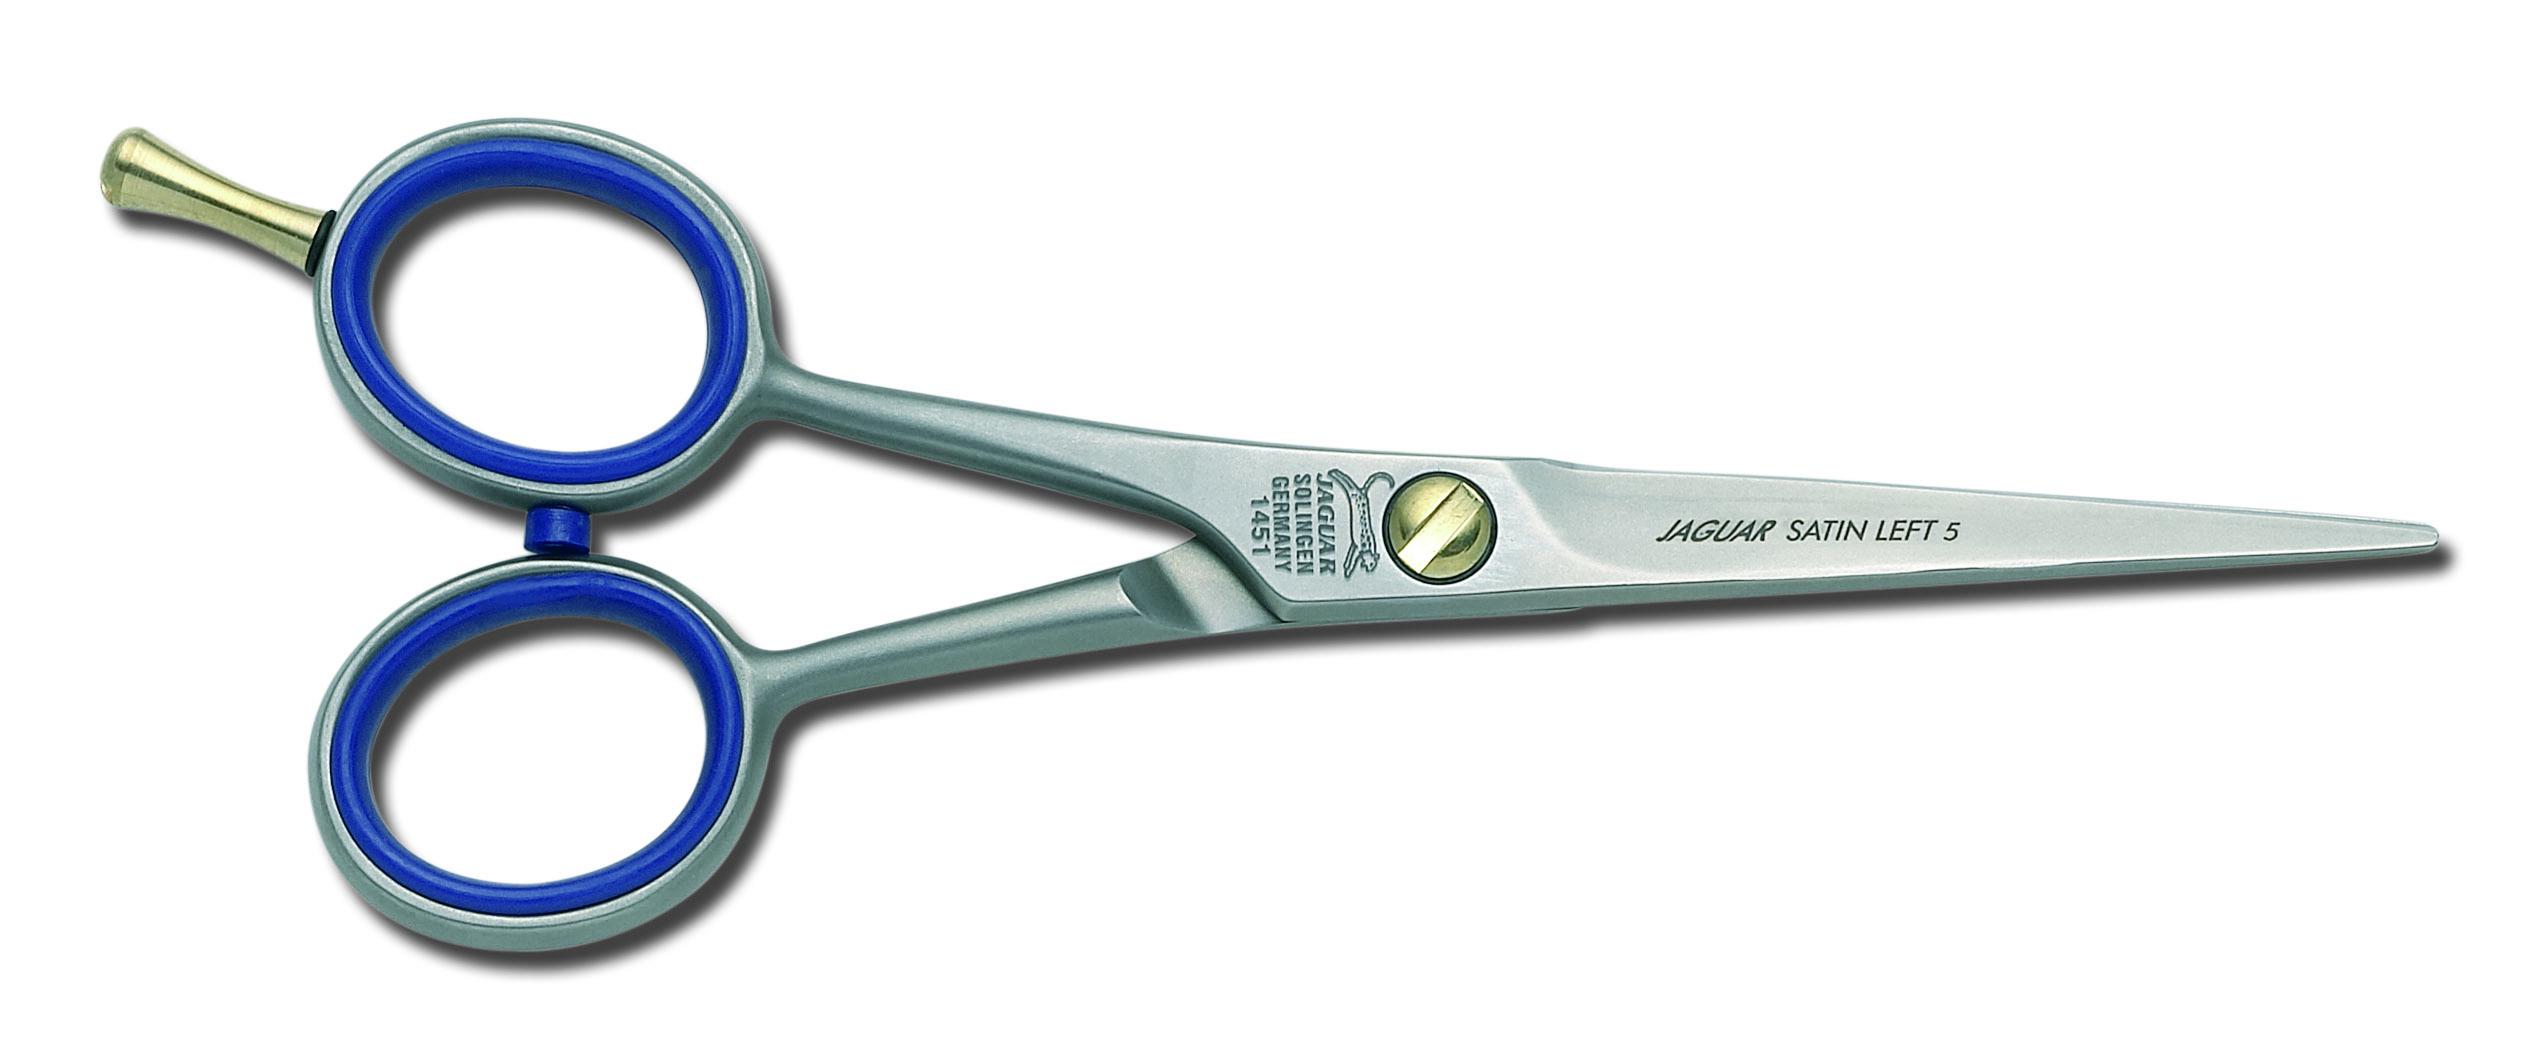 JAGUAR Ножницы Jaguar Satin Left 5'(13cm)WL от Галерея Косметики